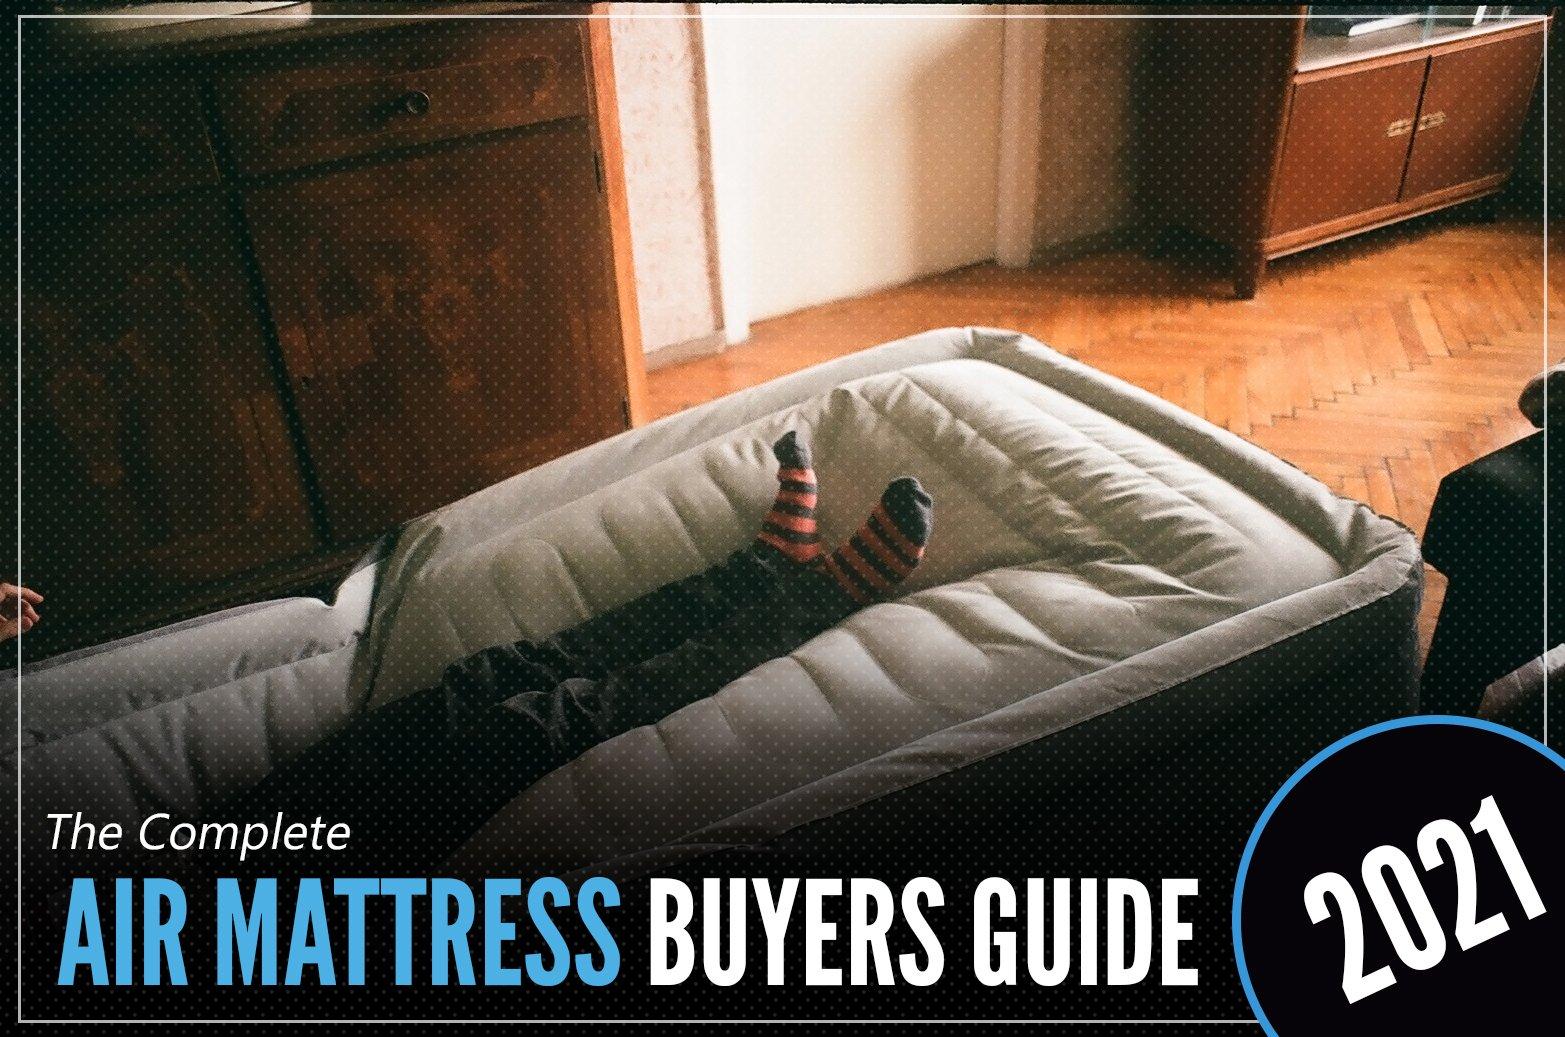 Air Mattress Buyer's Guide